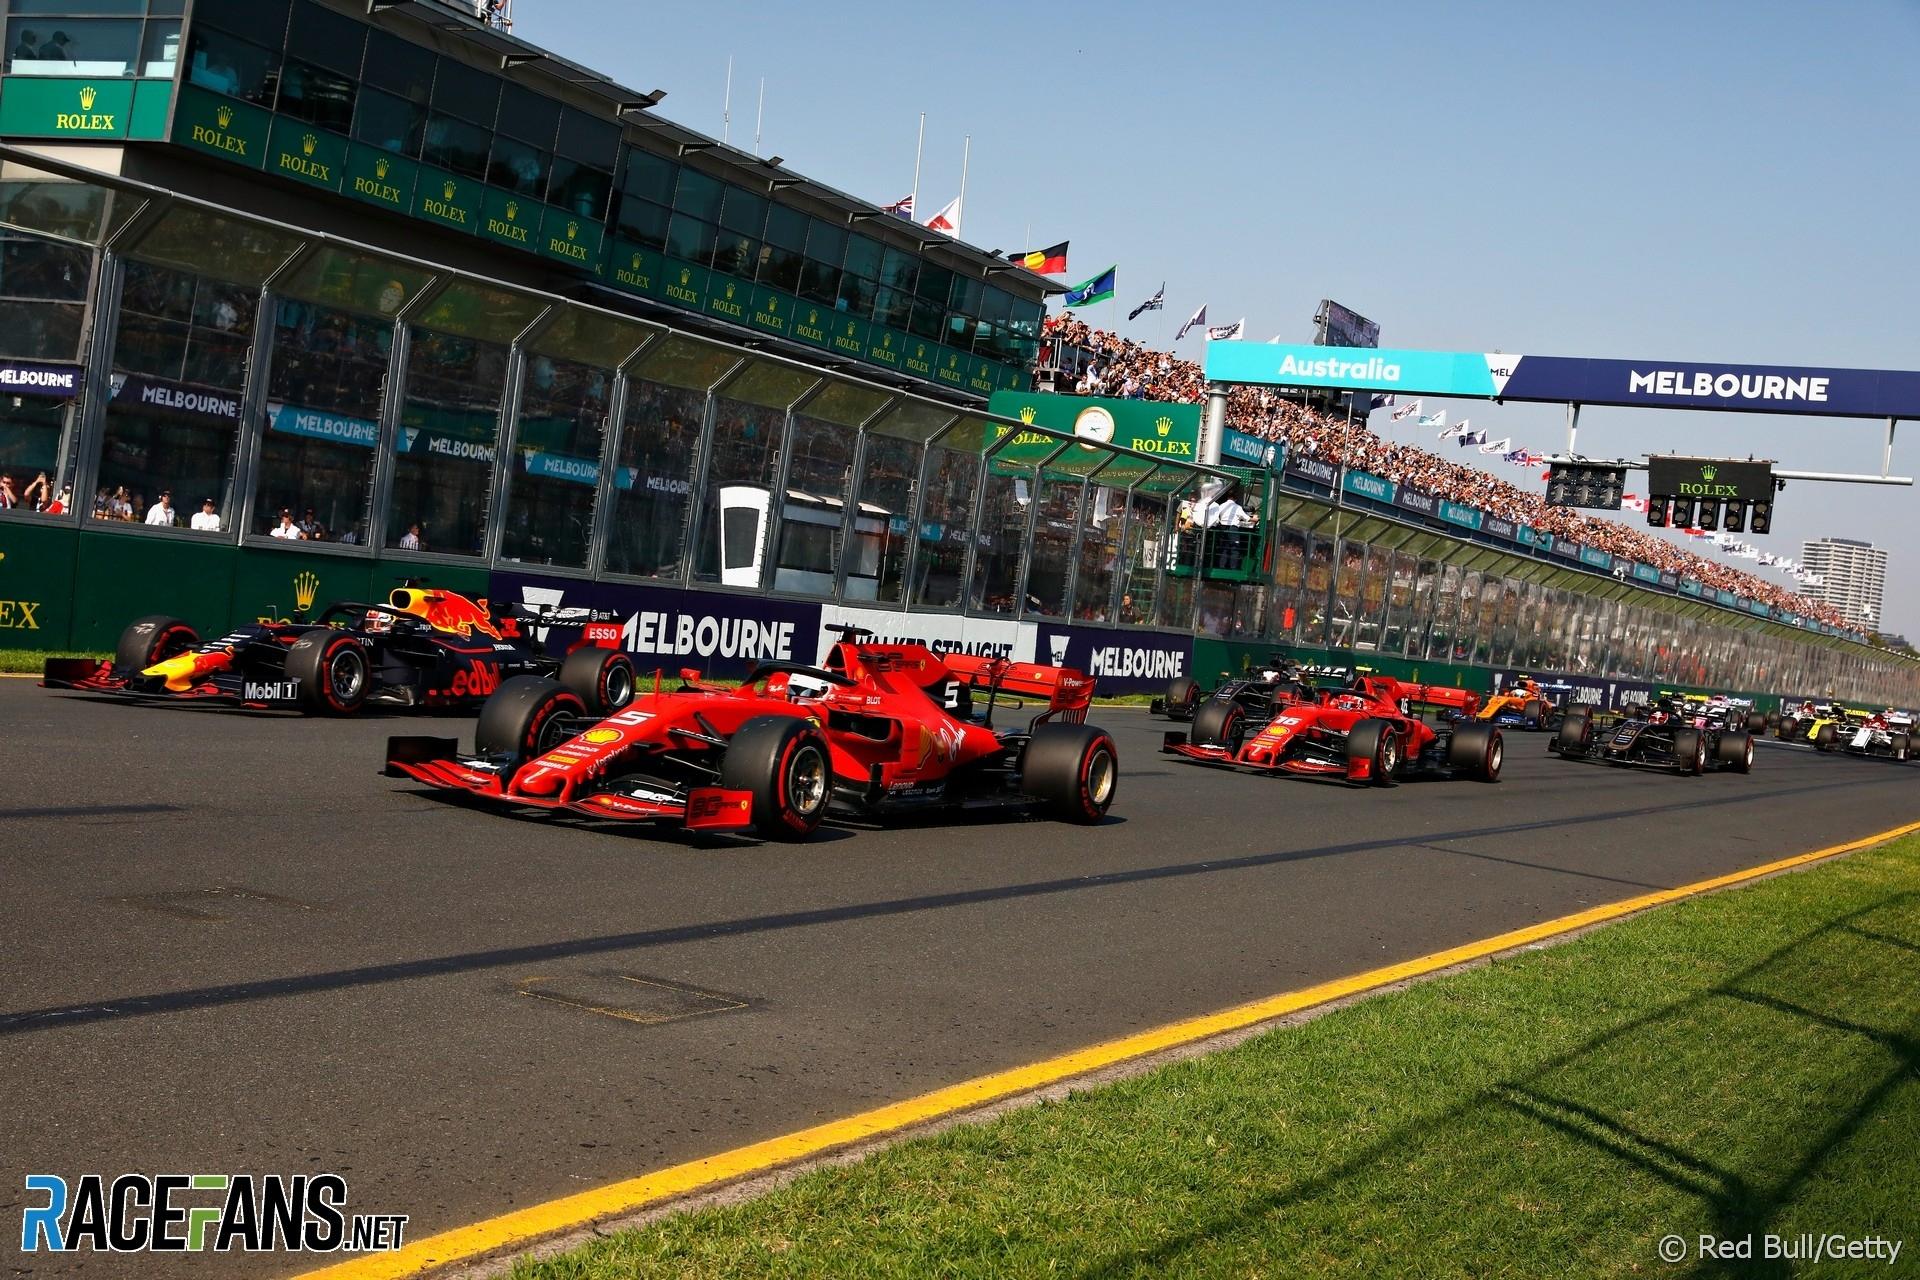 2020 F1 Calendar: Formula 1 Grand Prix Schedule Details - Racefans Remarkable 2020 Formula 1 Calendar